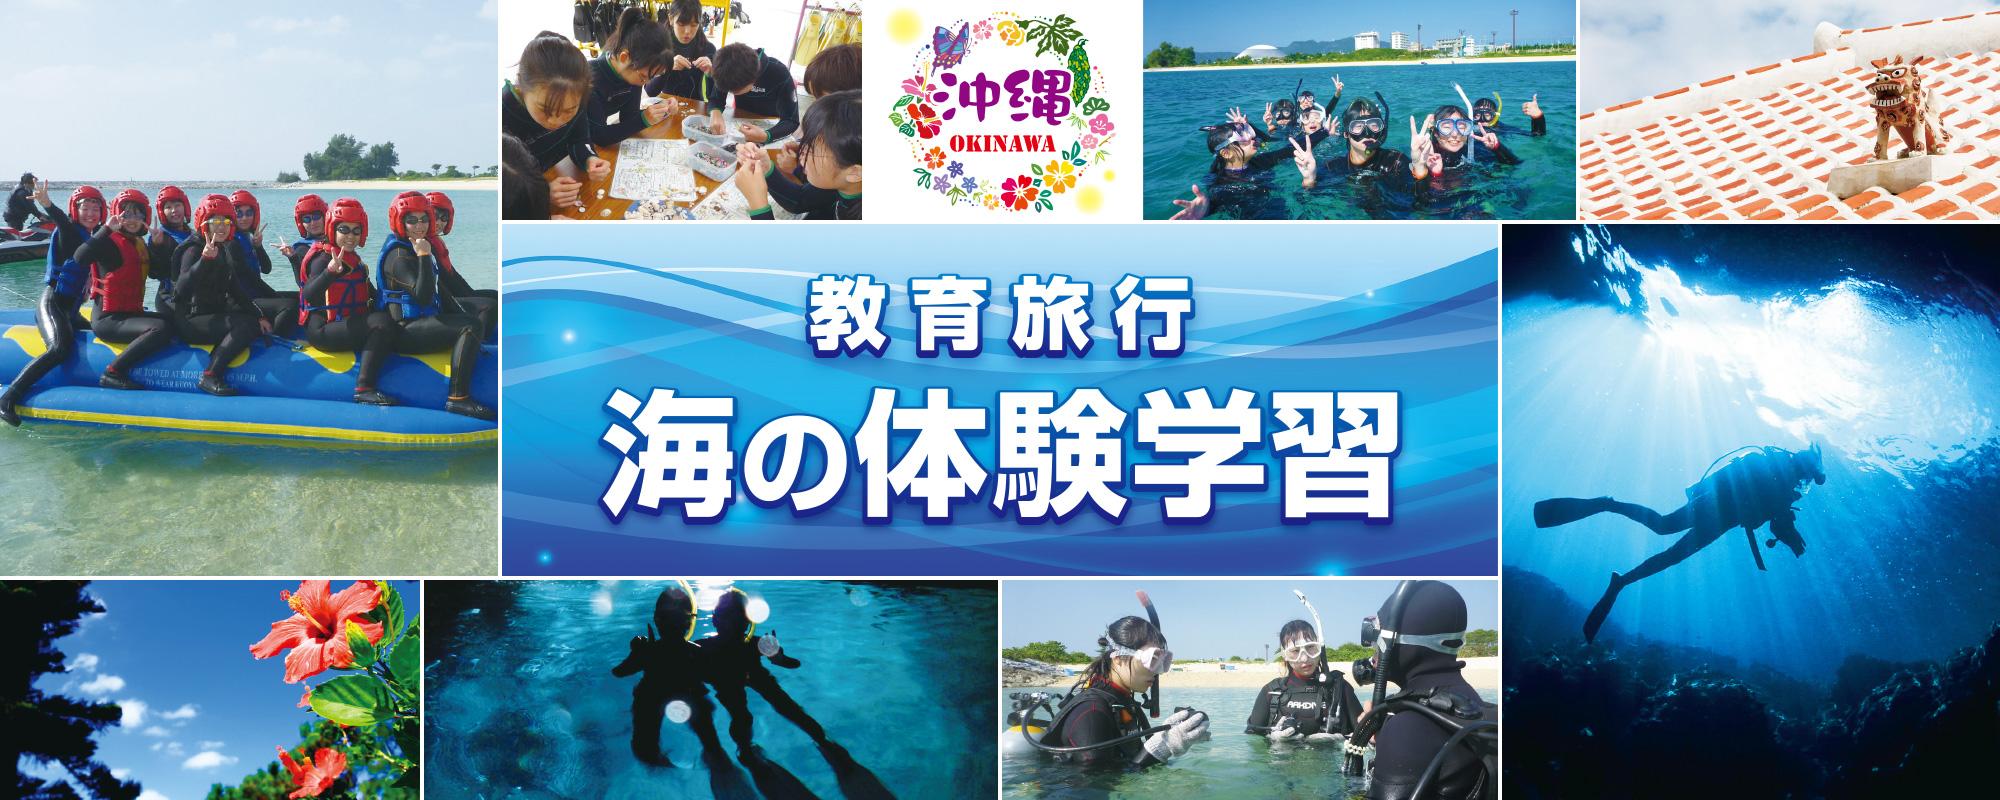 ORIC沖縄県海洋レジャー事業協同組合